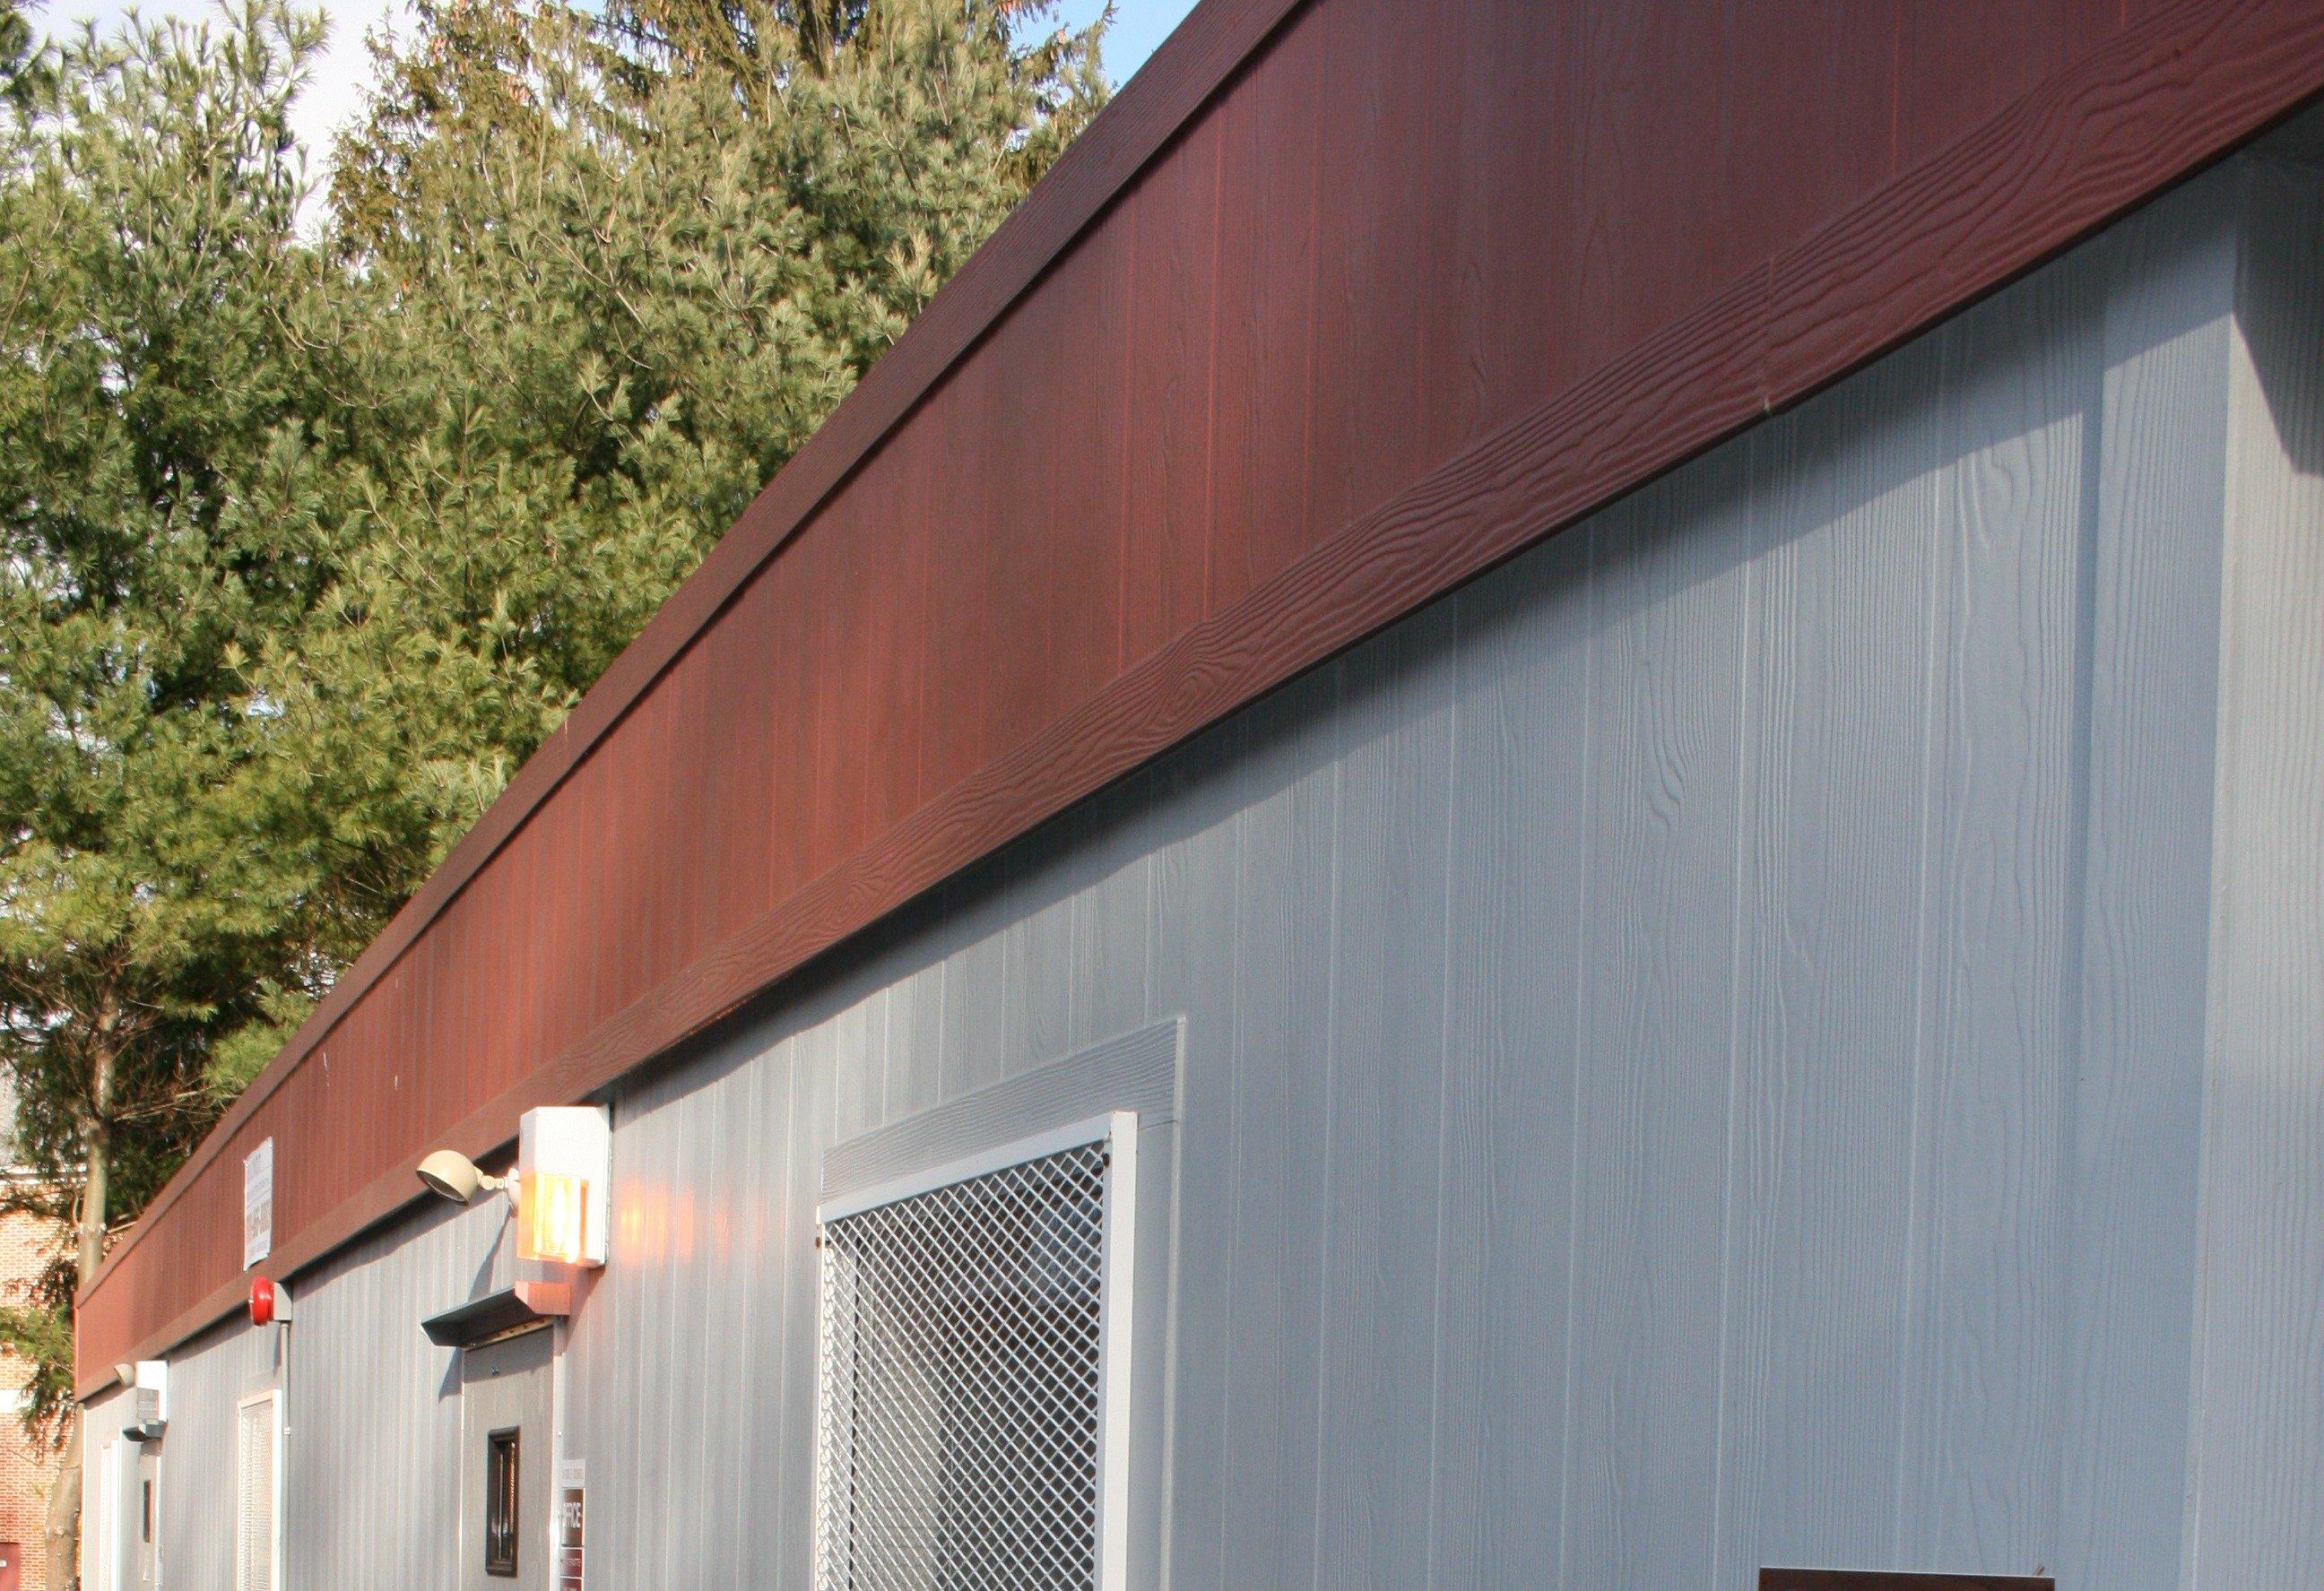 Exterior-Roof-Mansard 2in overhang-photo